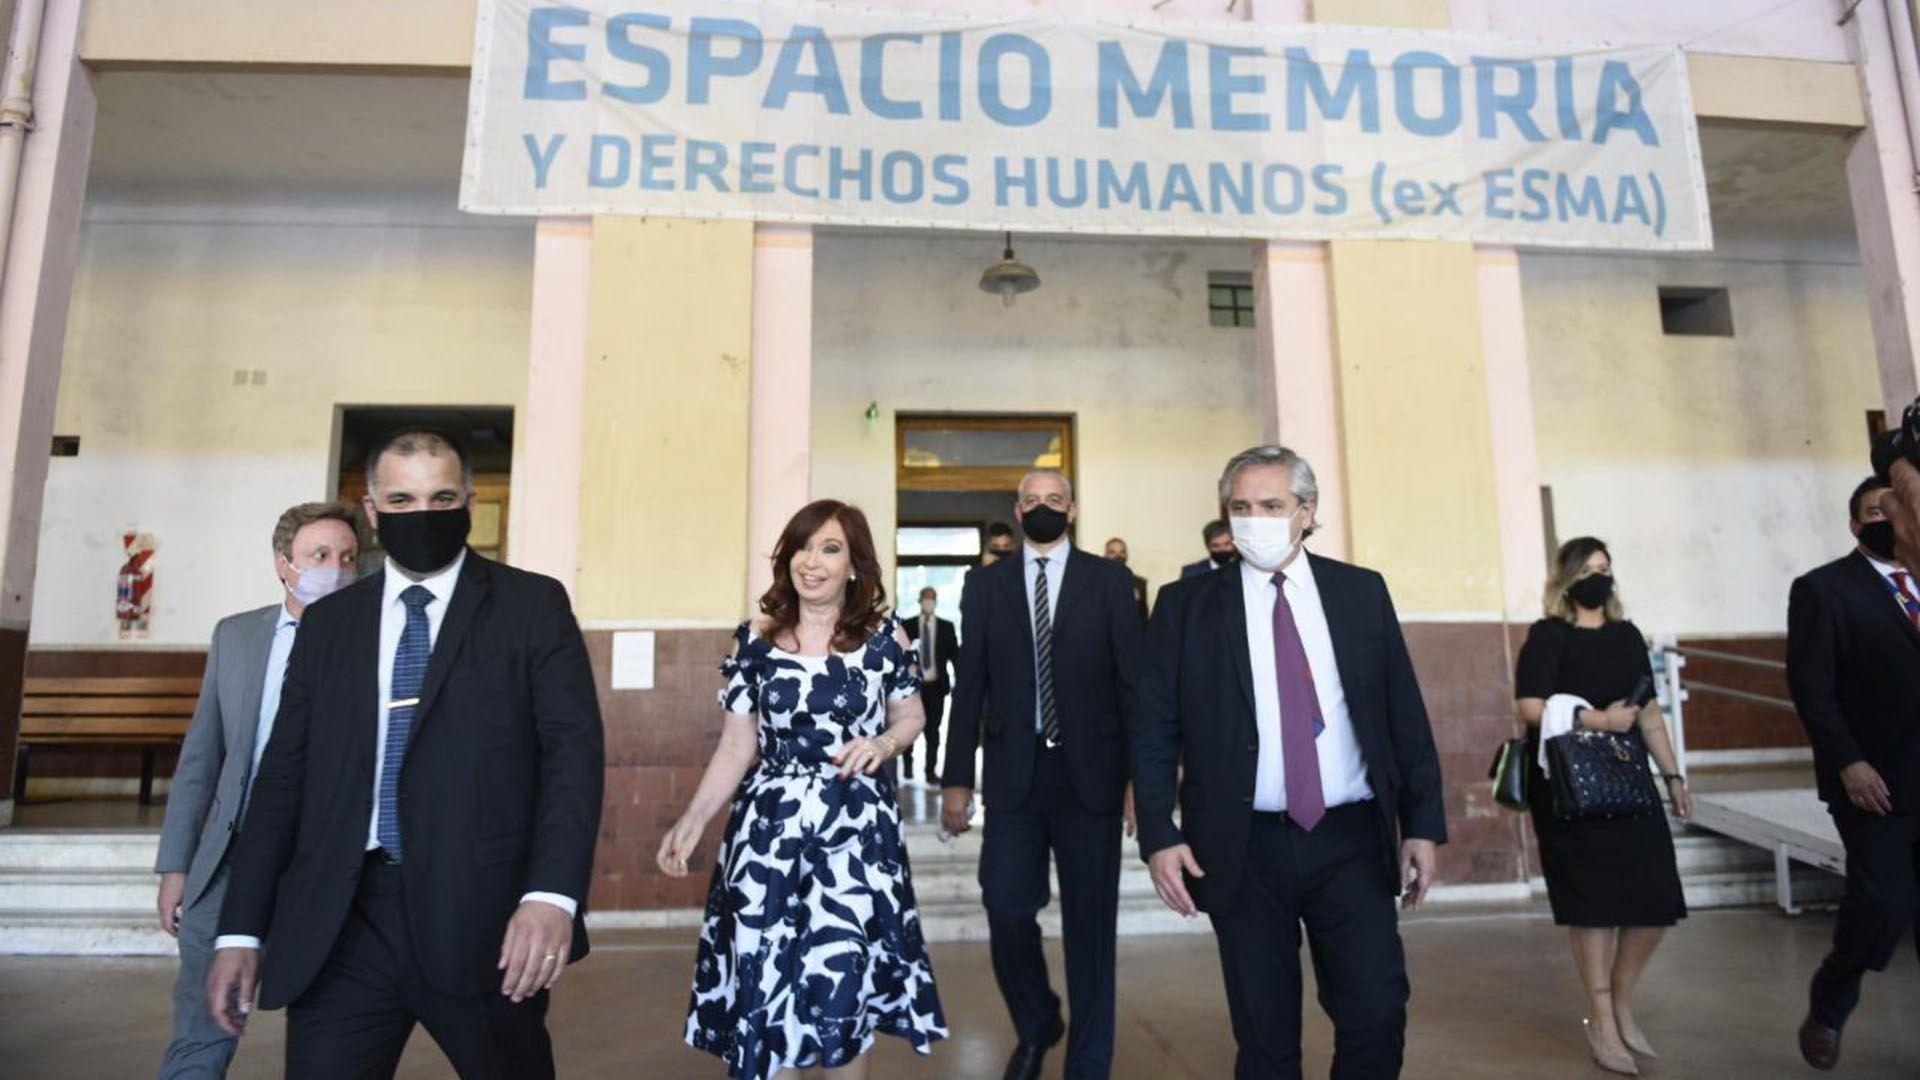 alberto fernandez cristina kirchner El presidente encabeza la celebración del Día Internacional de los Derechos Humanos